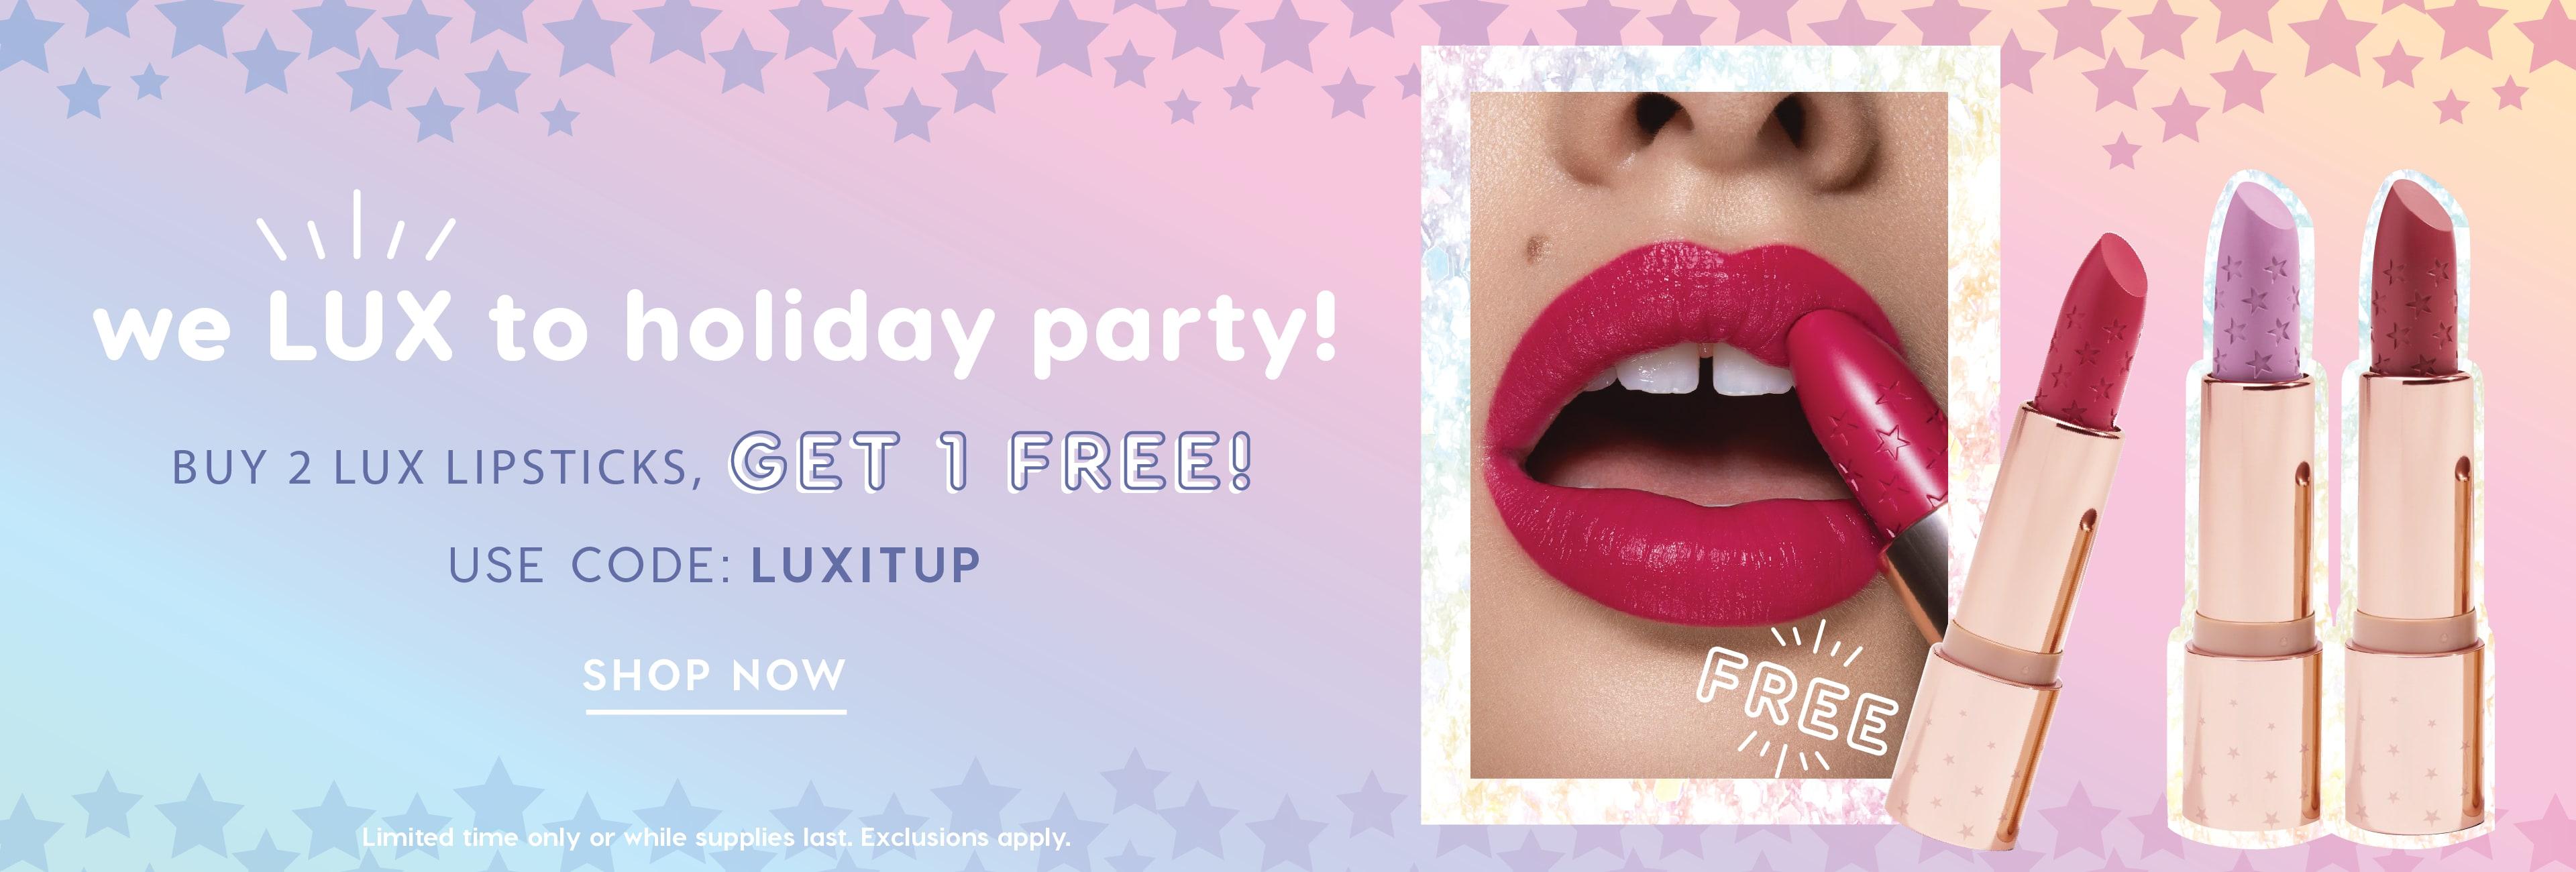 B2G1 Lux Lipsticks! Use code: LUXITUP